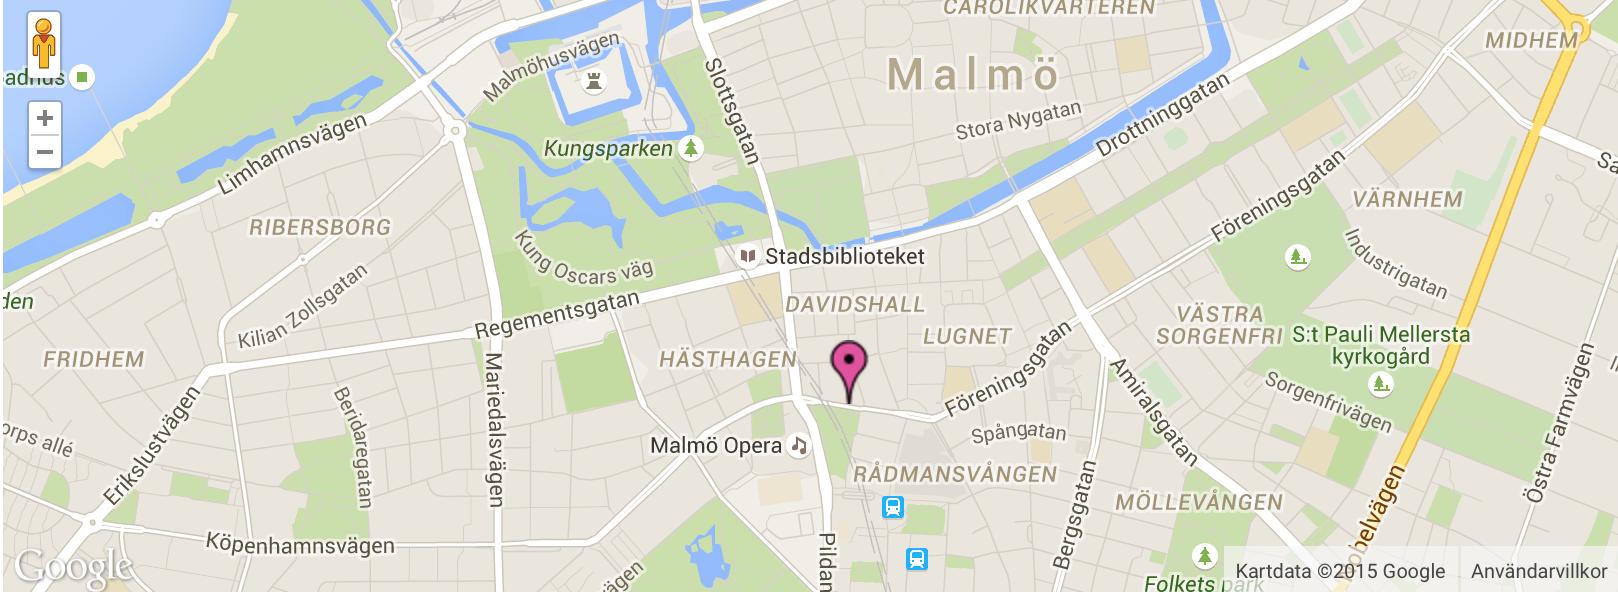 Stjernfeldts Begravningsbyrå | Östra Rönneholmsvägen 7 , 211 47 MALMÖ